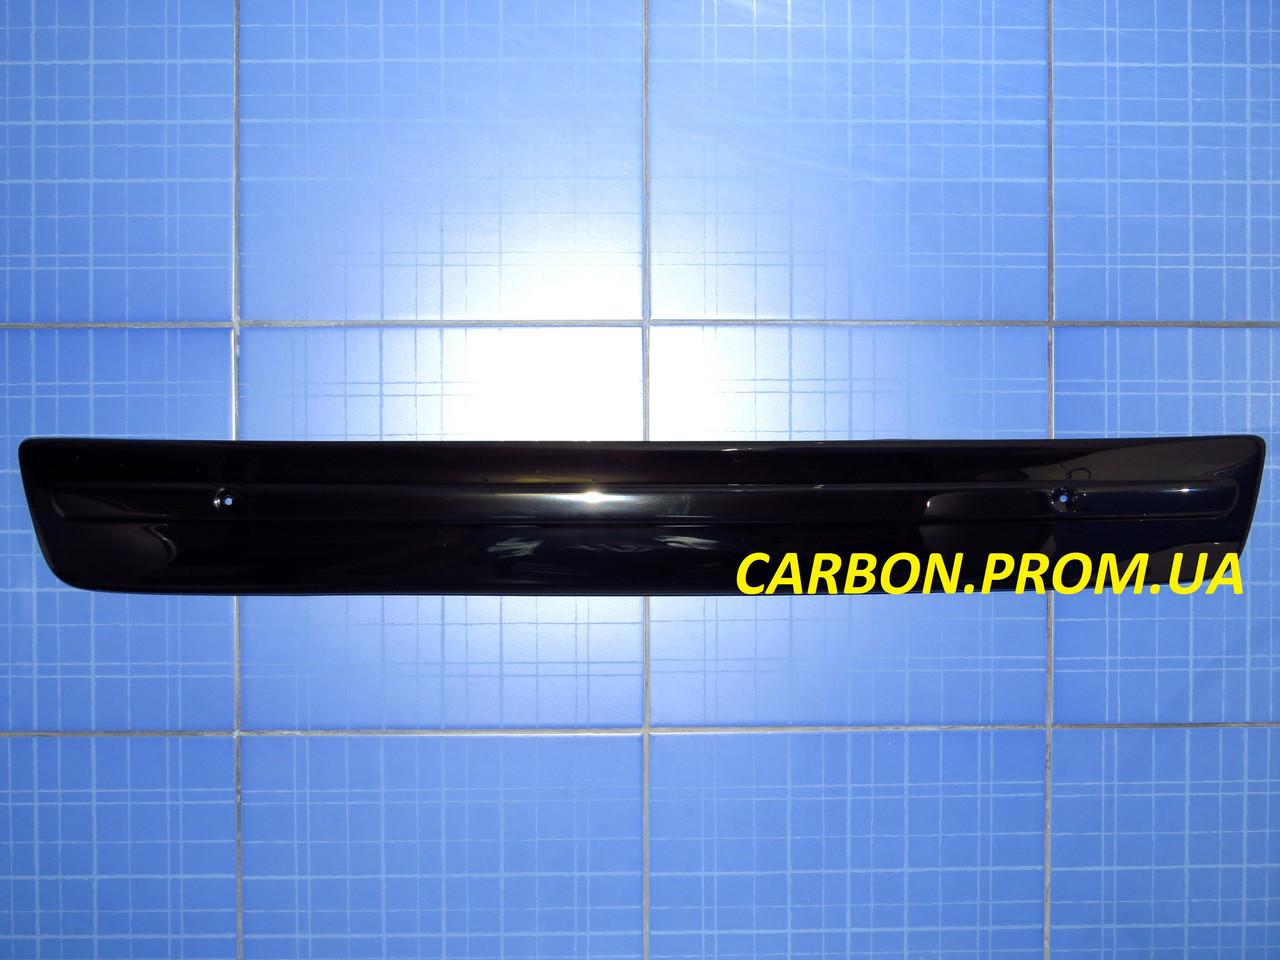 Заглушка решётки радиатора Фольксваген Т5+ низ 2010-2014 глянец Fly. Утеплитель решётки Volkswagen T5+